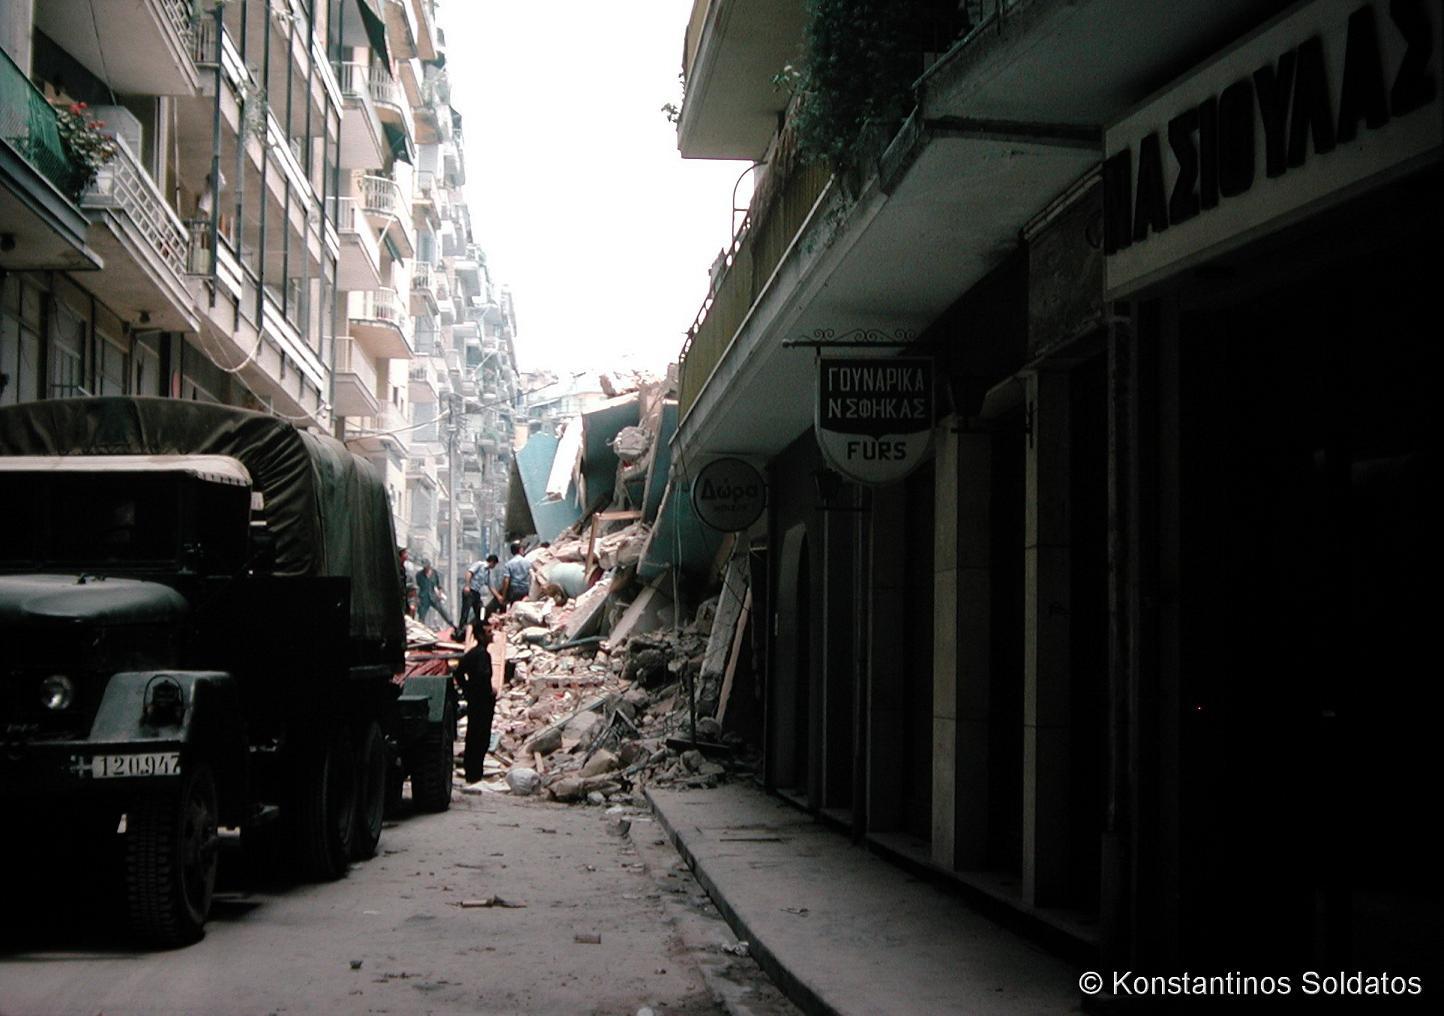 Τα ερείπια της μοιραίας πολυκατοικίας στην Πλατεία Ιπποδρομίου (το σημερινό Κέντρο Ιστορίας Θεσσαλονίκης). Οδός Νικηφόρου Φωκά.